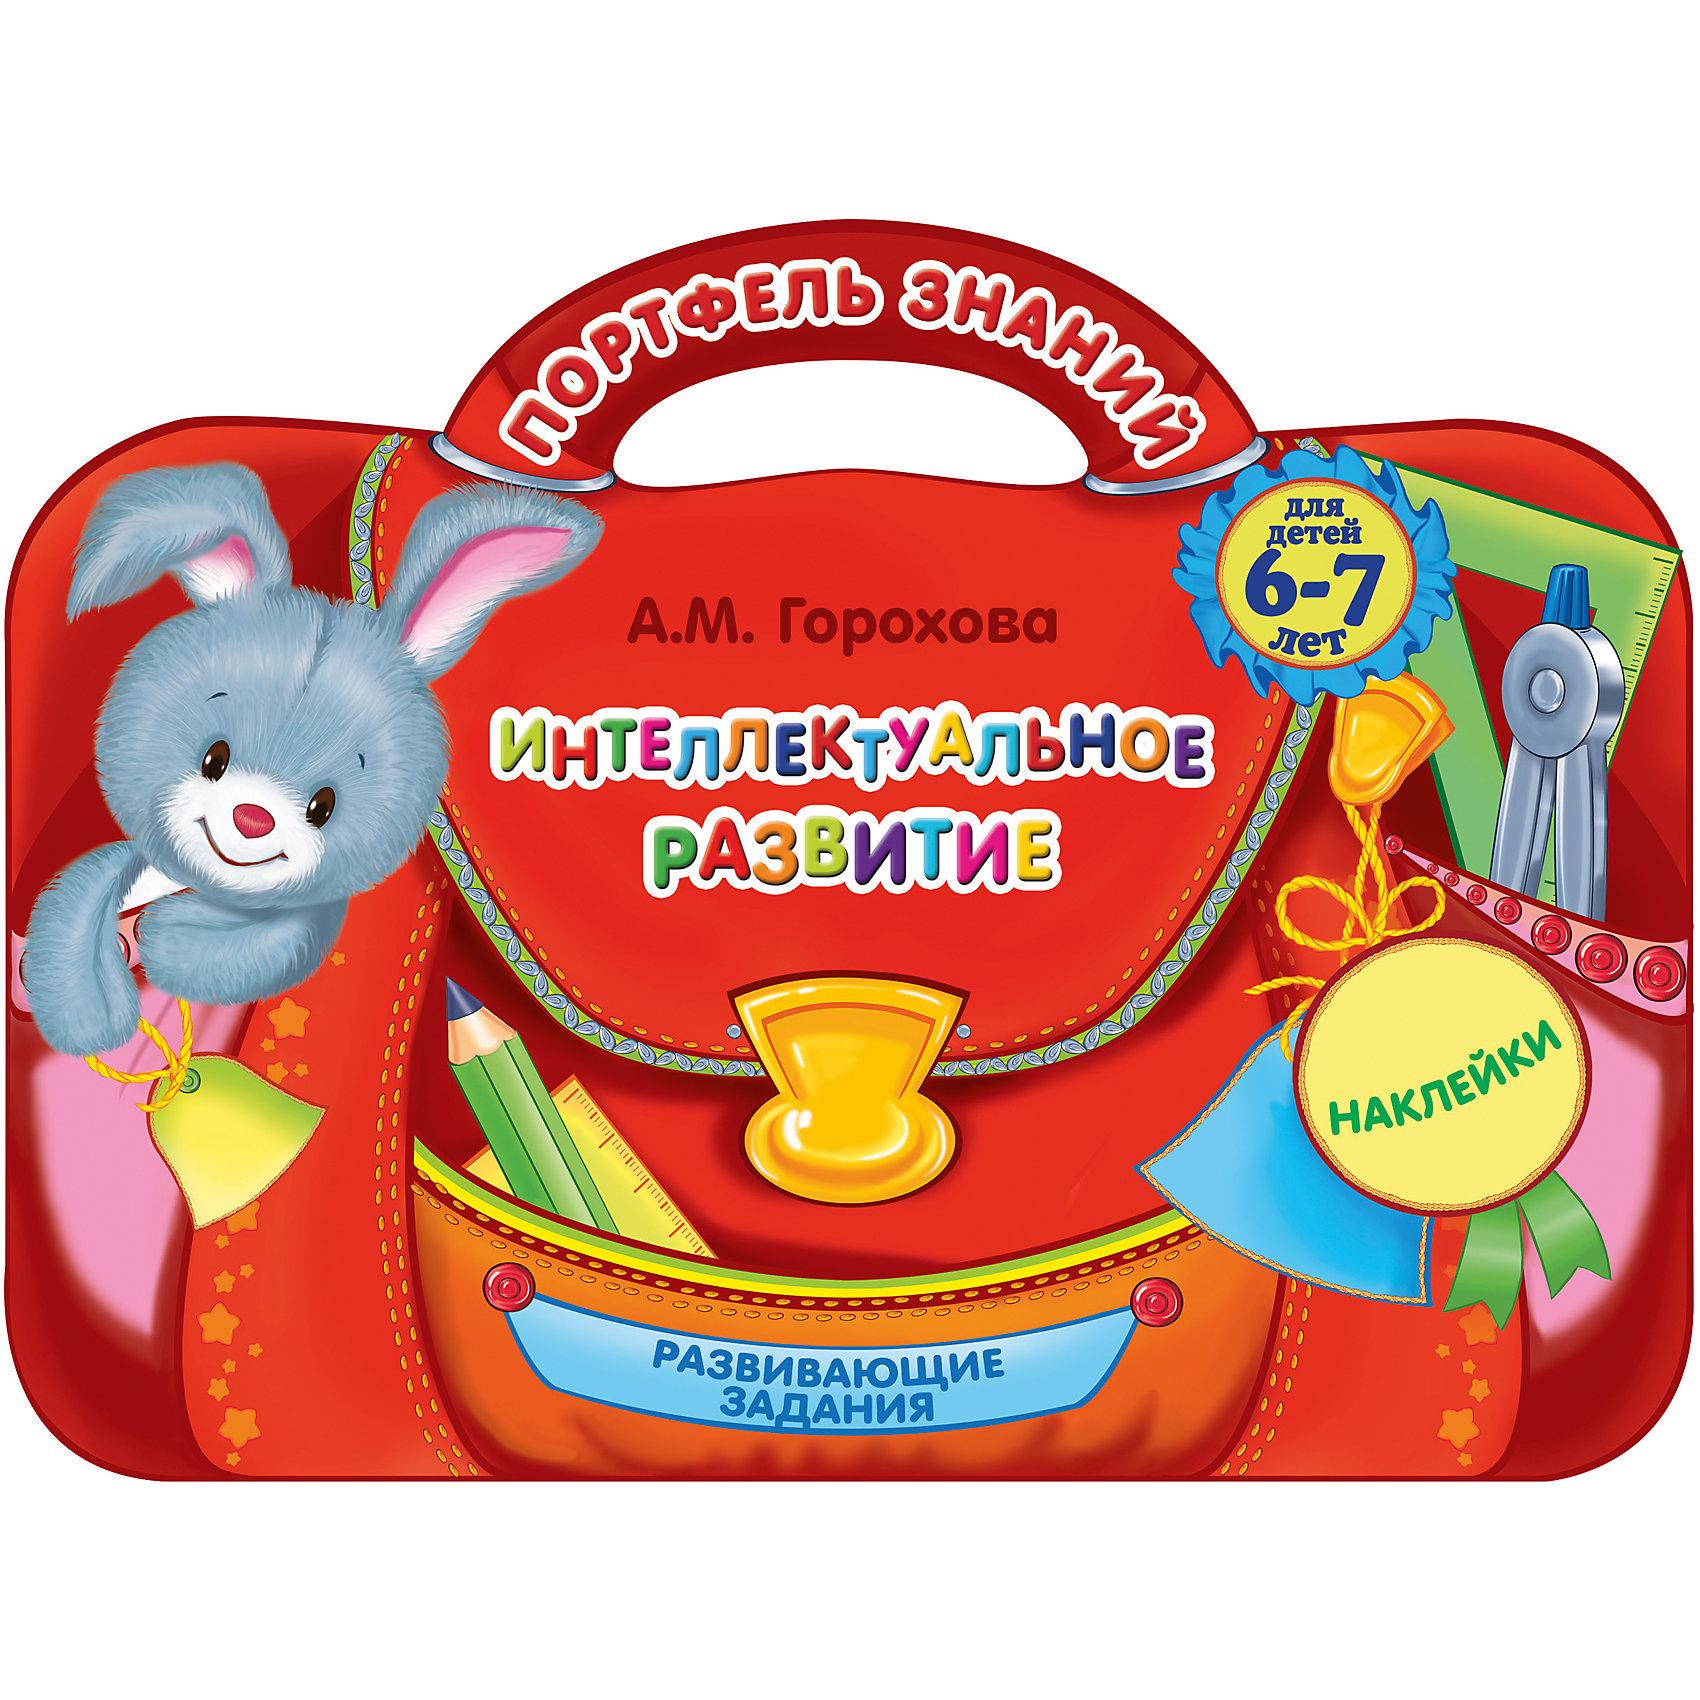 Интеллектуальное развитие: для детей 6-7 летТесты и задания<br>Книга-портфель с увлекательными интерактивными заданиями, направленными на интеллектуальное развитие детей 6-7 лет, включает в себя три типа заданий - устные упражнения, задания с карандашом, упражнения с наклейками. Пособие соответствует требованиям ФГОС, все задания представлены в игровой форме. Весело играя вместе с главным героем книги, забавным щенком, ребенок не только получит массу положительных эмоций, но и разовьет интеллект, речь и память, мелкую моторику и мышление, внимание и воображение, расширит кругозор и словарный запас. Задания направлены на формирование интереса к обучению. Пособие будет полезно не только дошкольниками, но и младшим школьникам.<br>Адресовано детям 6-7 лет их родителям, воспитателями, педагогам.<br><br>ДДополнительная информация:<br><br>- год выпуска: 2015<br>- количество страниц: 32 + 2 листа с накллейками<br>- формат: 20.5* 29 см.<br>- переплёт: мягкий переплет<br>- возраст: от  6 до 7 лет<br>- вес: 120 гр.<br><br>Книгу Интеллектуальное развитие: для детей 6-7 лет можно купить в нашем интернет - магазине.<br><br>Ширина мм: 280<br>Глубина мм: 210<br>Высота мм: 2<br>Вес г: 120<br>Возраст от месяцев: 36<br>Возраст до месяцев: 72<br>Пол: Унисекс<br>Возраст: Детский<br>SKU: 4753391